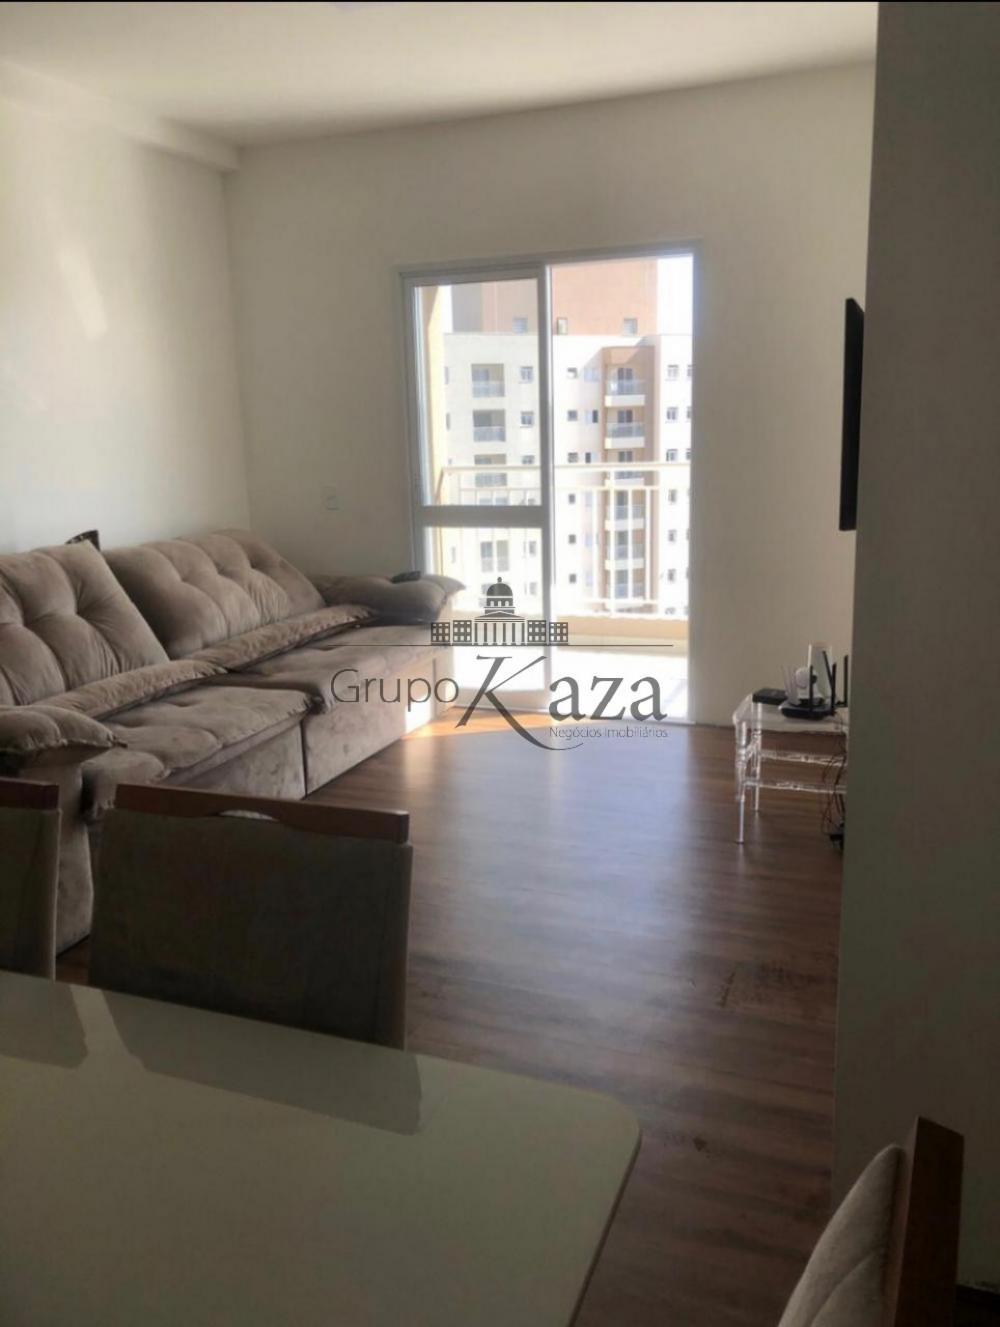 alt='Comprar Apartamento / Padrão em Jacareí R$ 380.000,00 - Foto 1' title='Comprar Apartamento / Padrão em Jacareí R$ 380.000,00 - Foto 1'